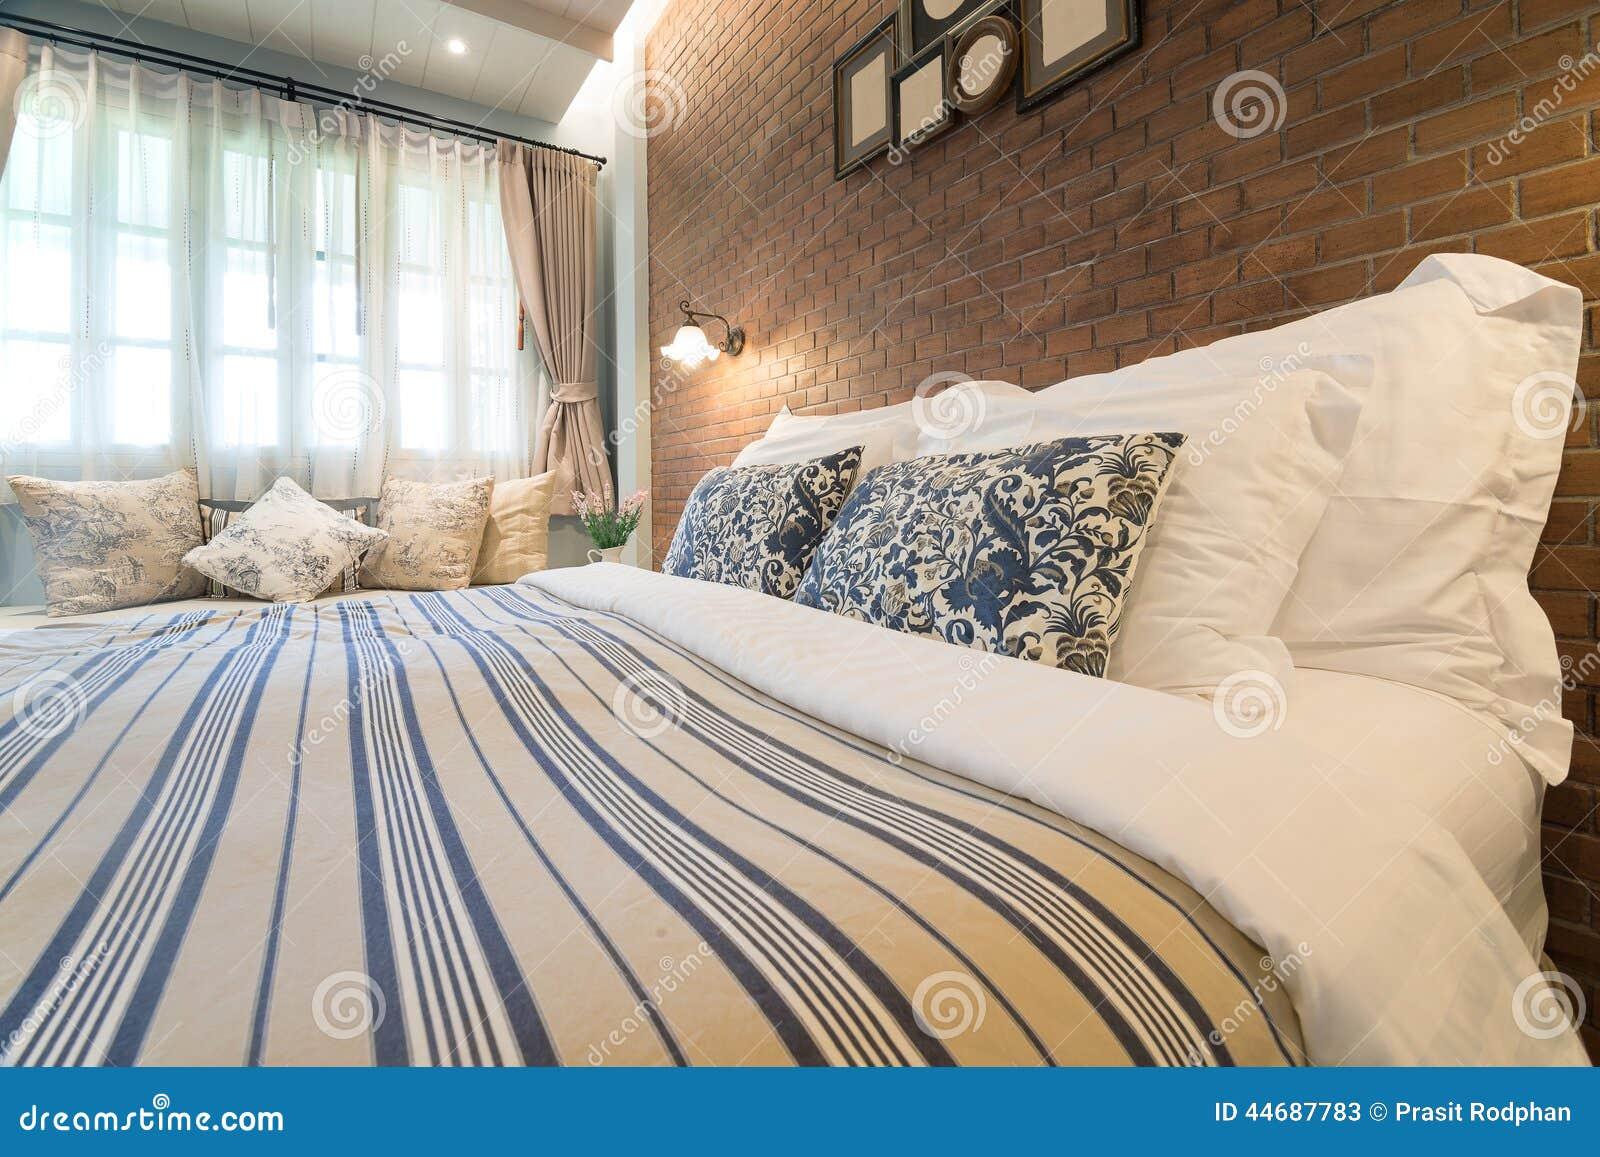 Camera da letto stile country inglese fotografia stock for Camera da letto in stile artigiano